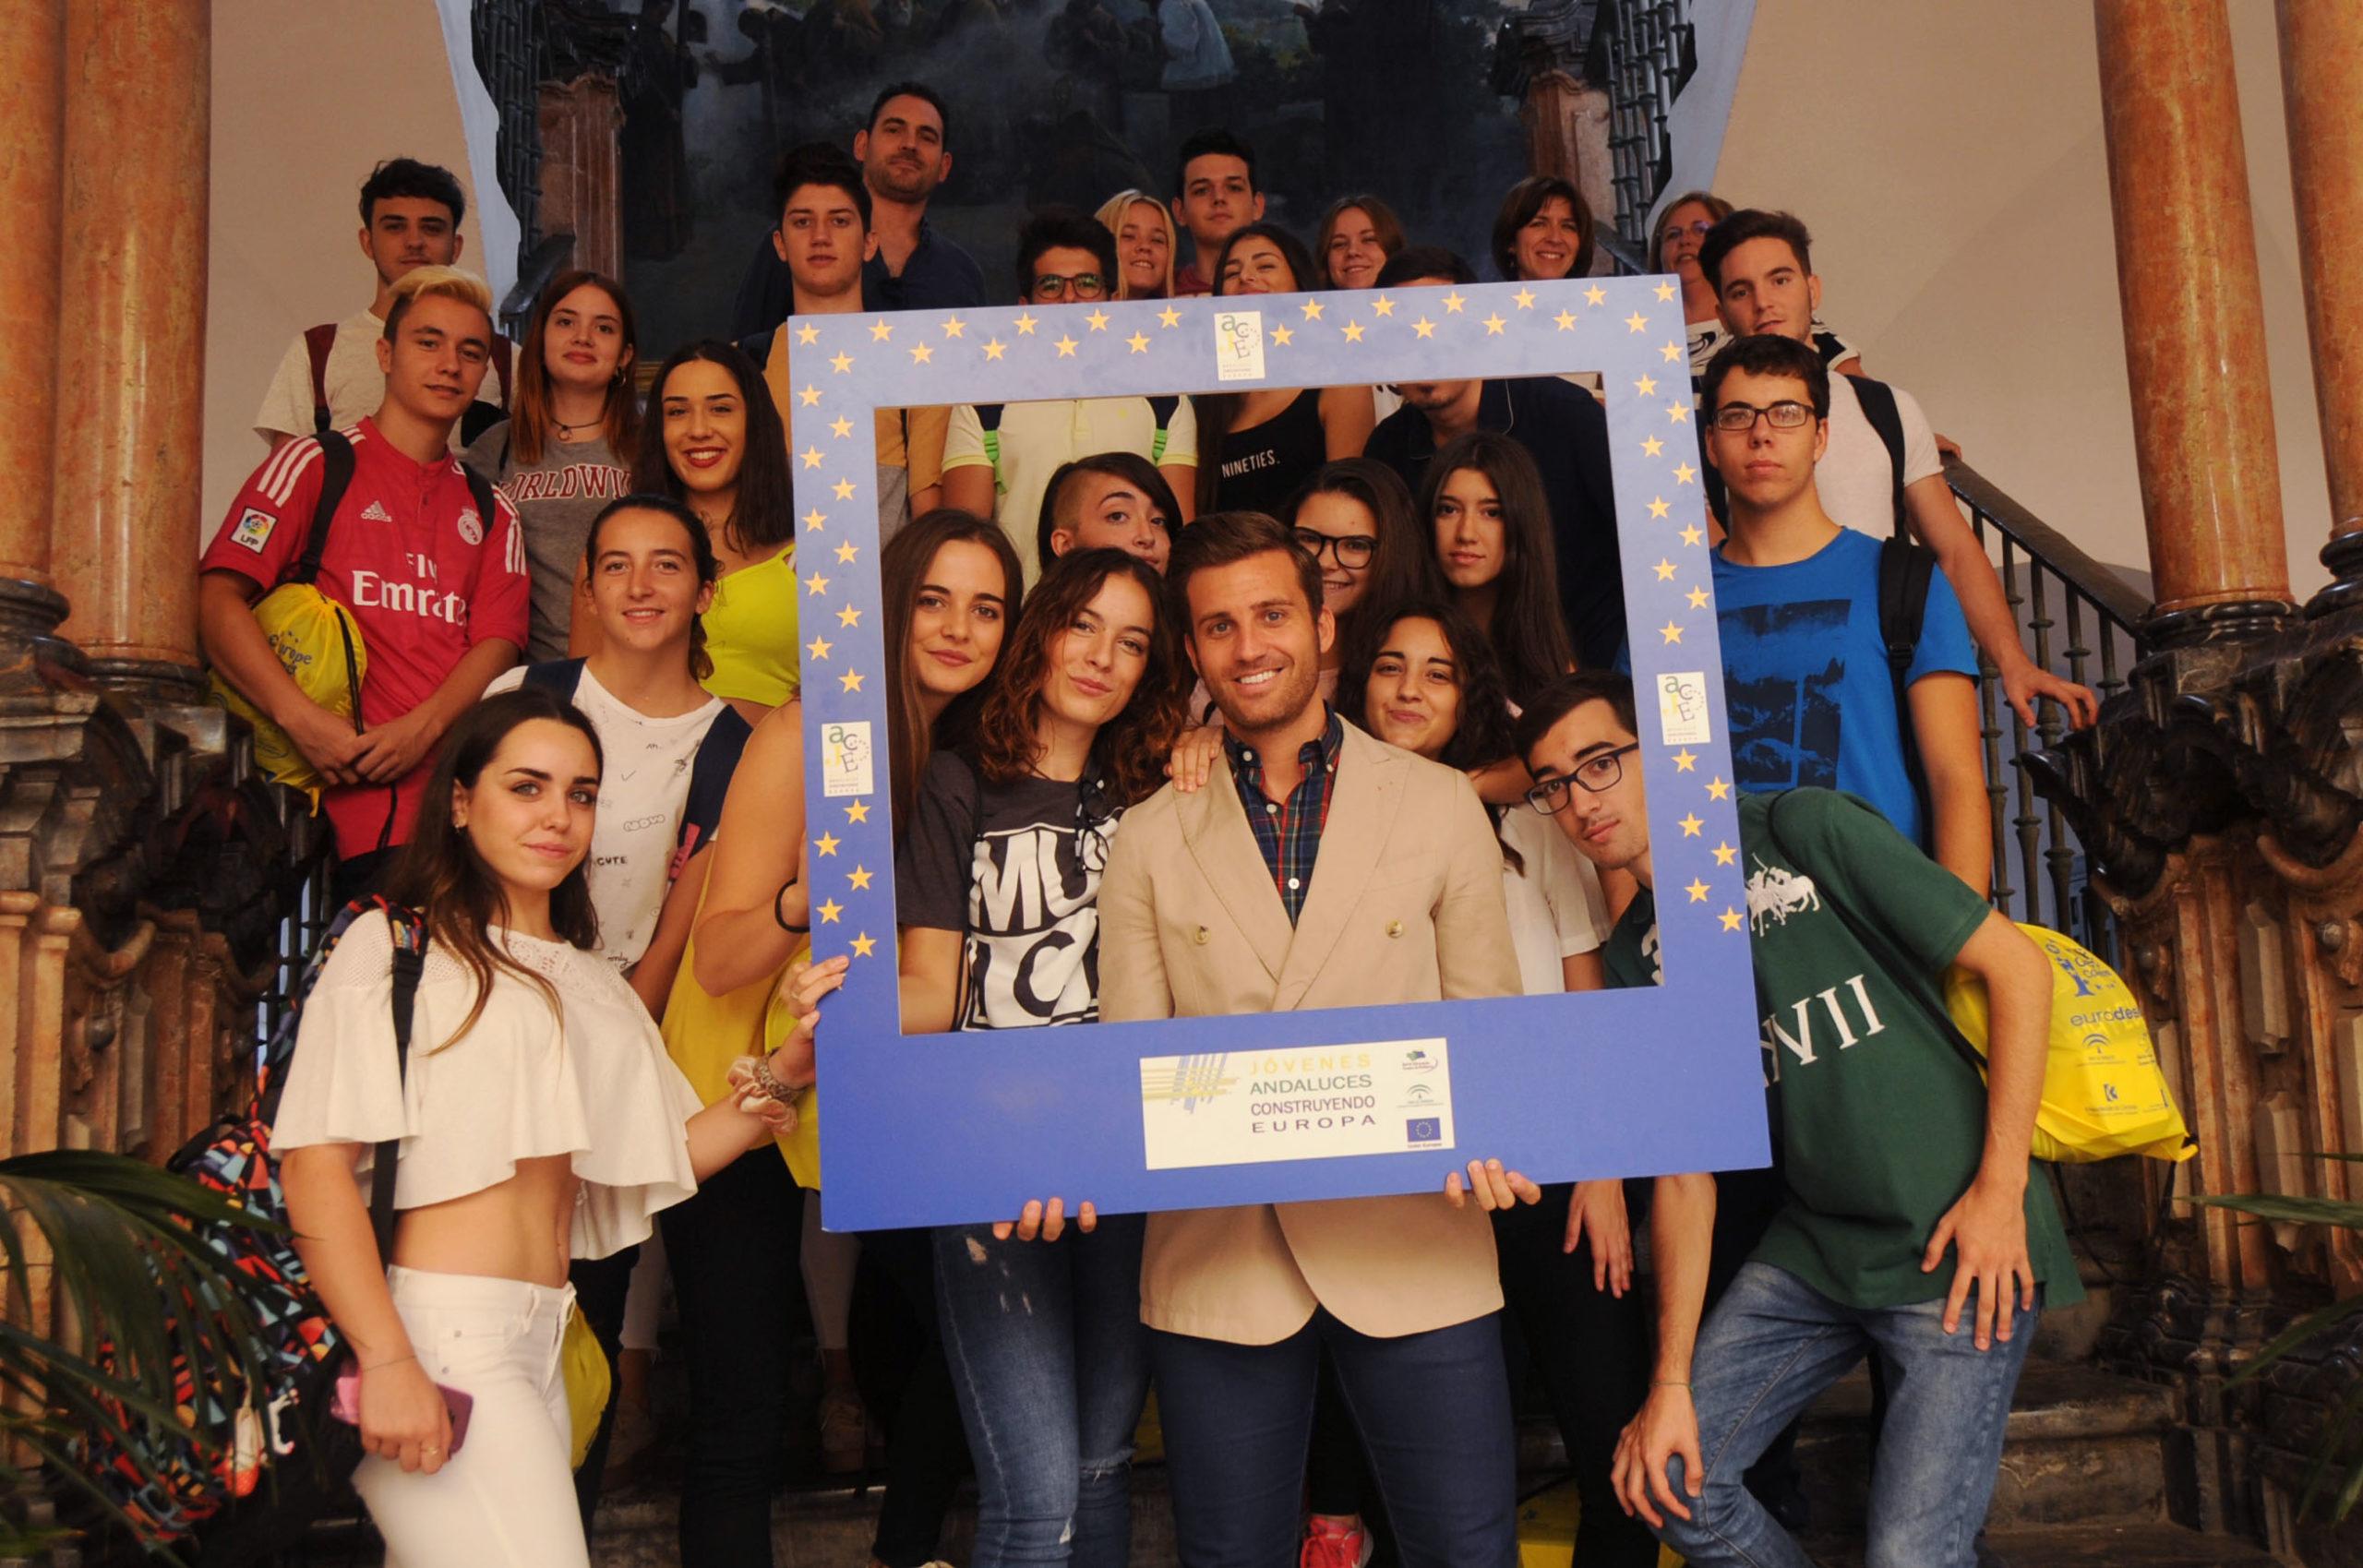 Recepción  a los alumnos y profesores del I.E.S. López Neyra de Córdoba, participantes en el premio JACE 2017. Jóvenes Andaluces Construyendo Europa. 5 octubre 2017.